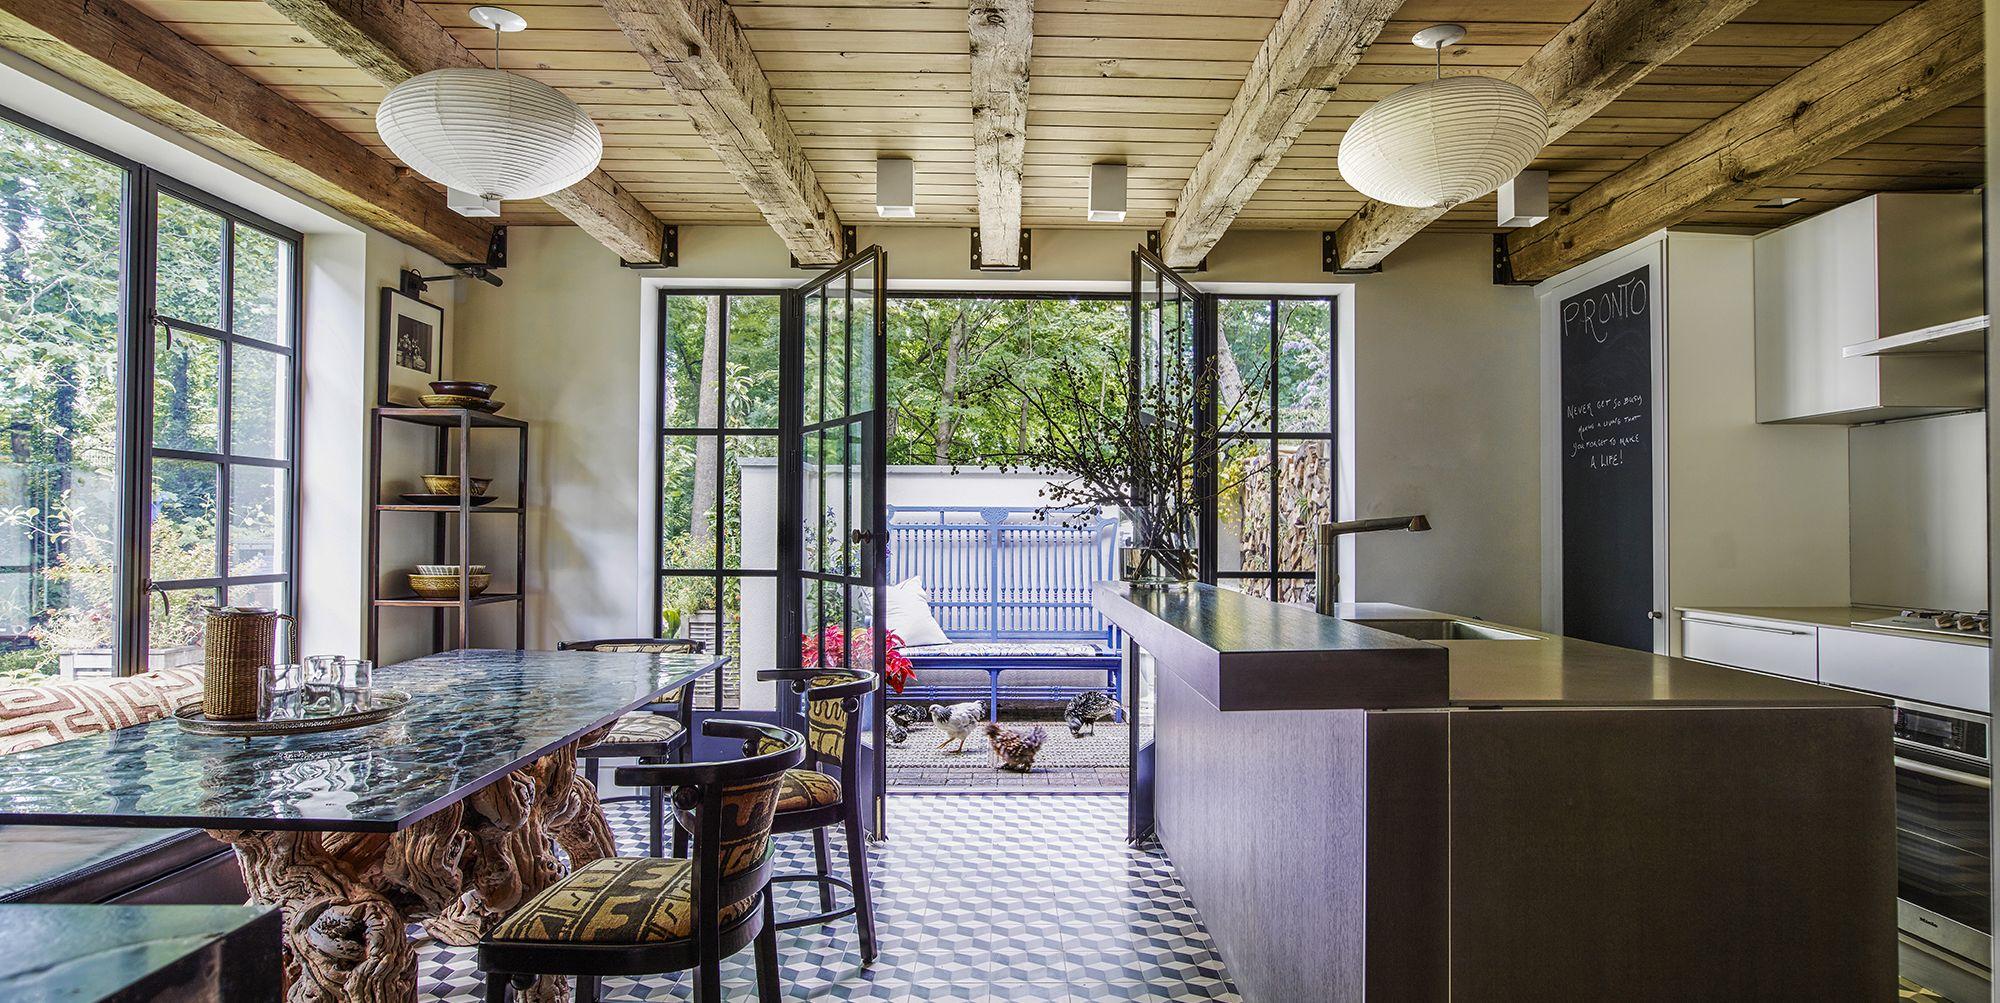 50+ Best Kitchen Lighting Fixtures - Chic Ideas For Kitchen Lights